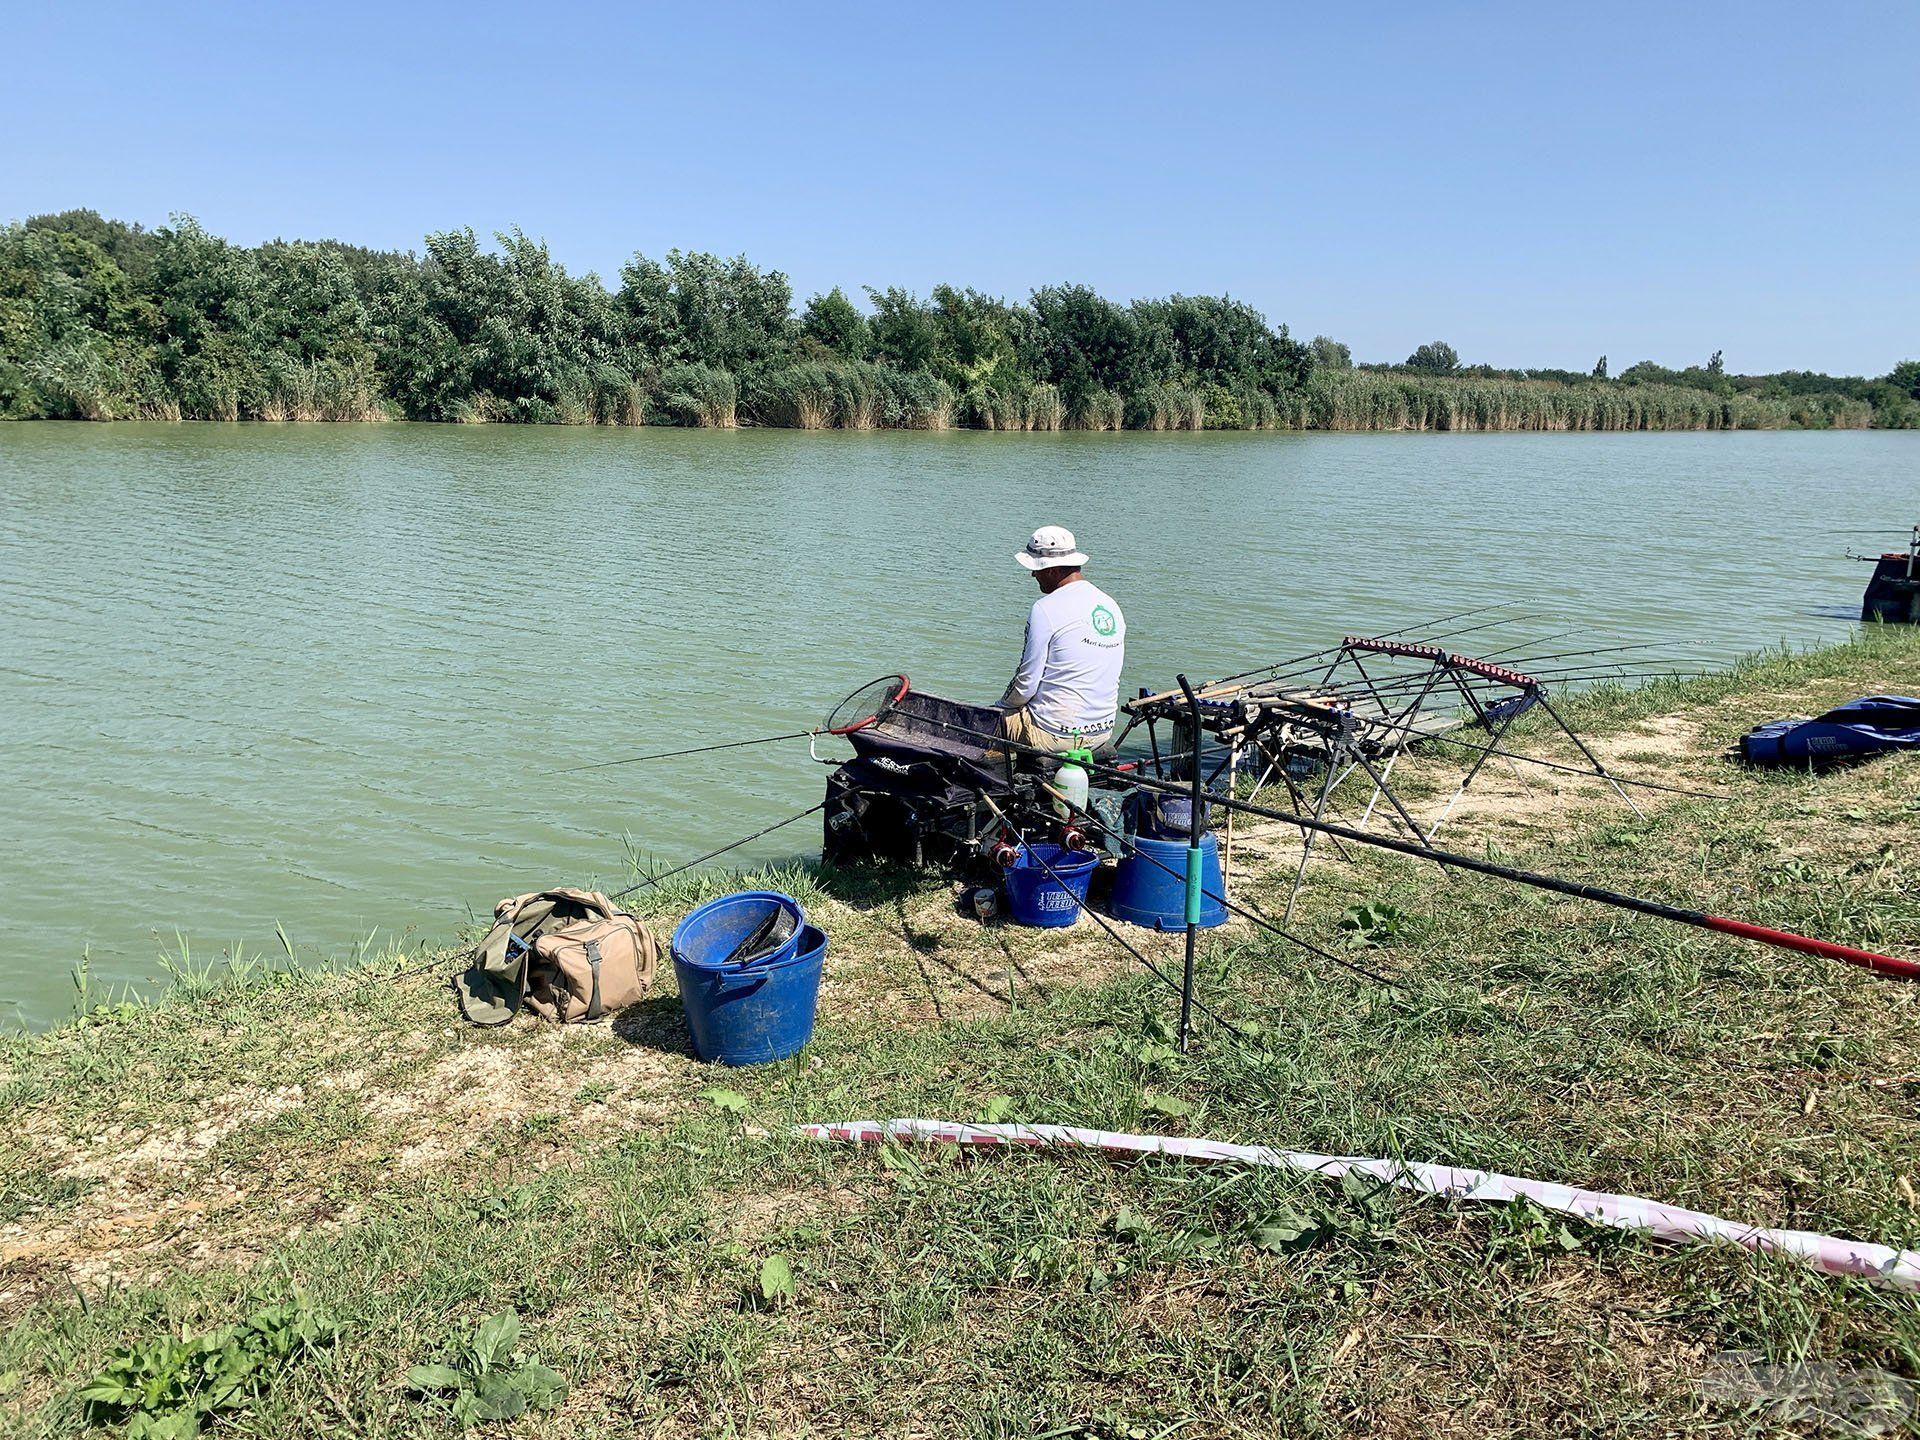 A horgászversenyzés eszközigénye nagy, de nem muszáj mindenből a legdrágábbat beszerezni!